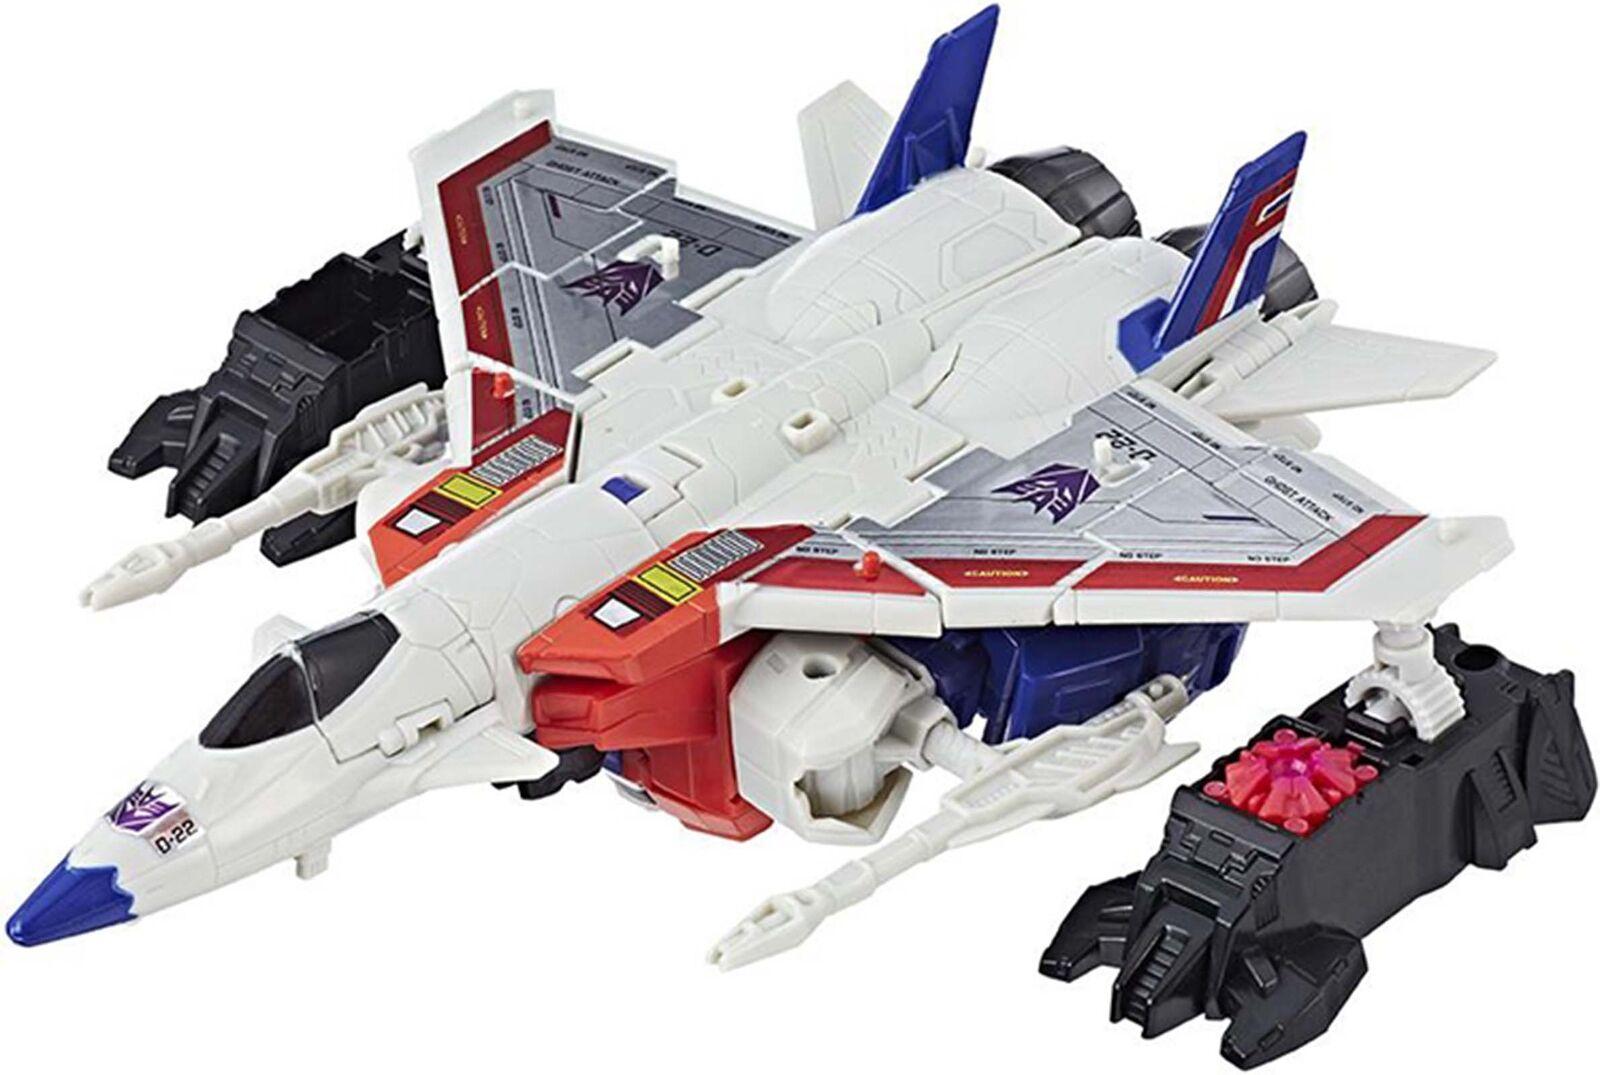 punto de venta barato Transformers Power of the primas Voyager class class class Estrellascream Kids juguetes robot  estilo clásico